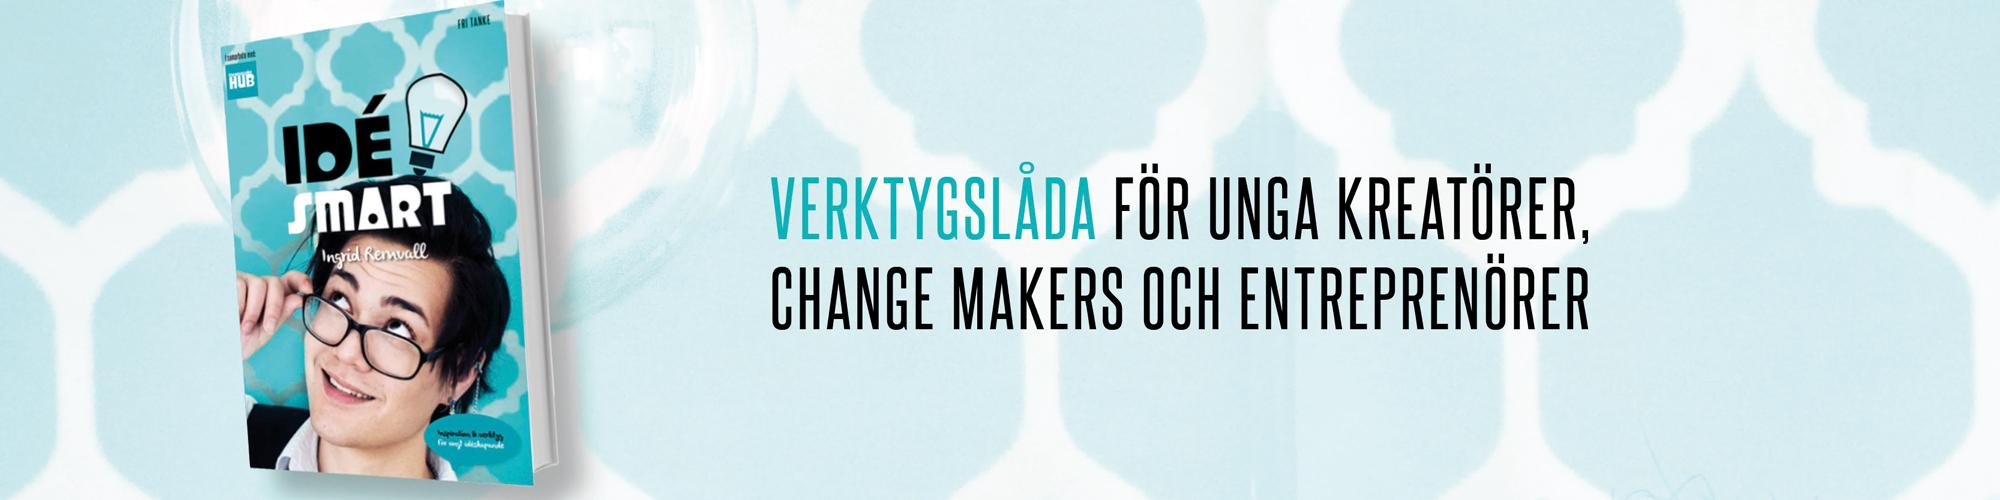 Idésmart, Idesmart: bok för ung innovation och ung företagsamhet